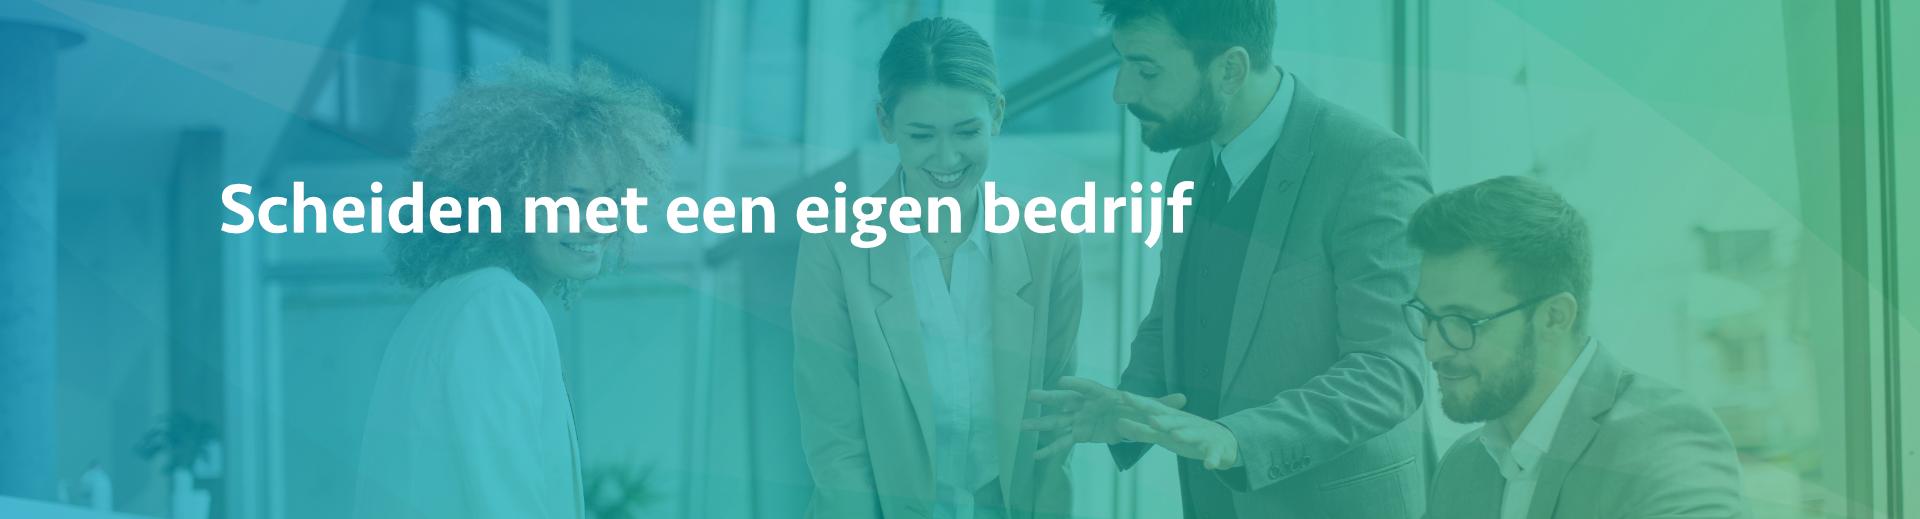 scheiden met een eigen bedrijf - Scheidingsplanner Almelo - Deventer - Nijverdal